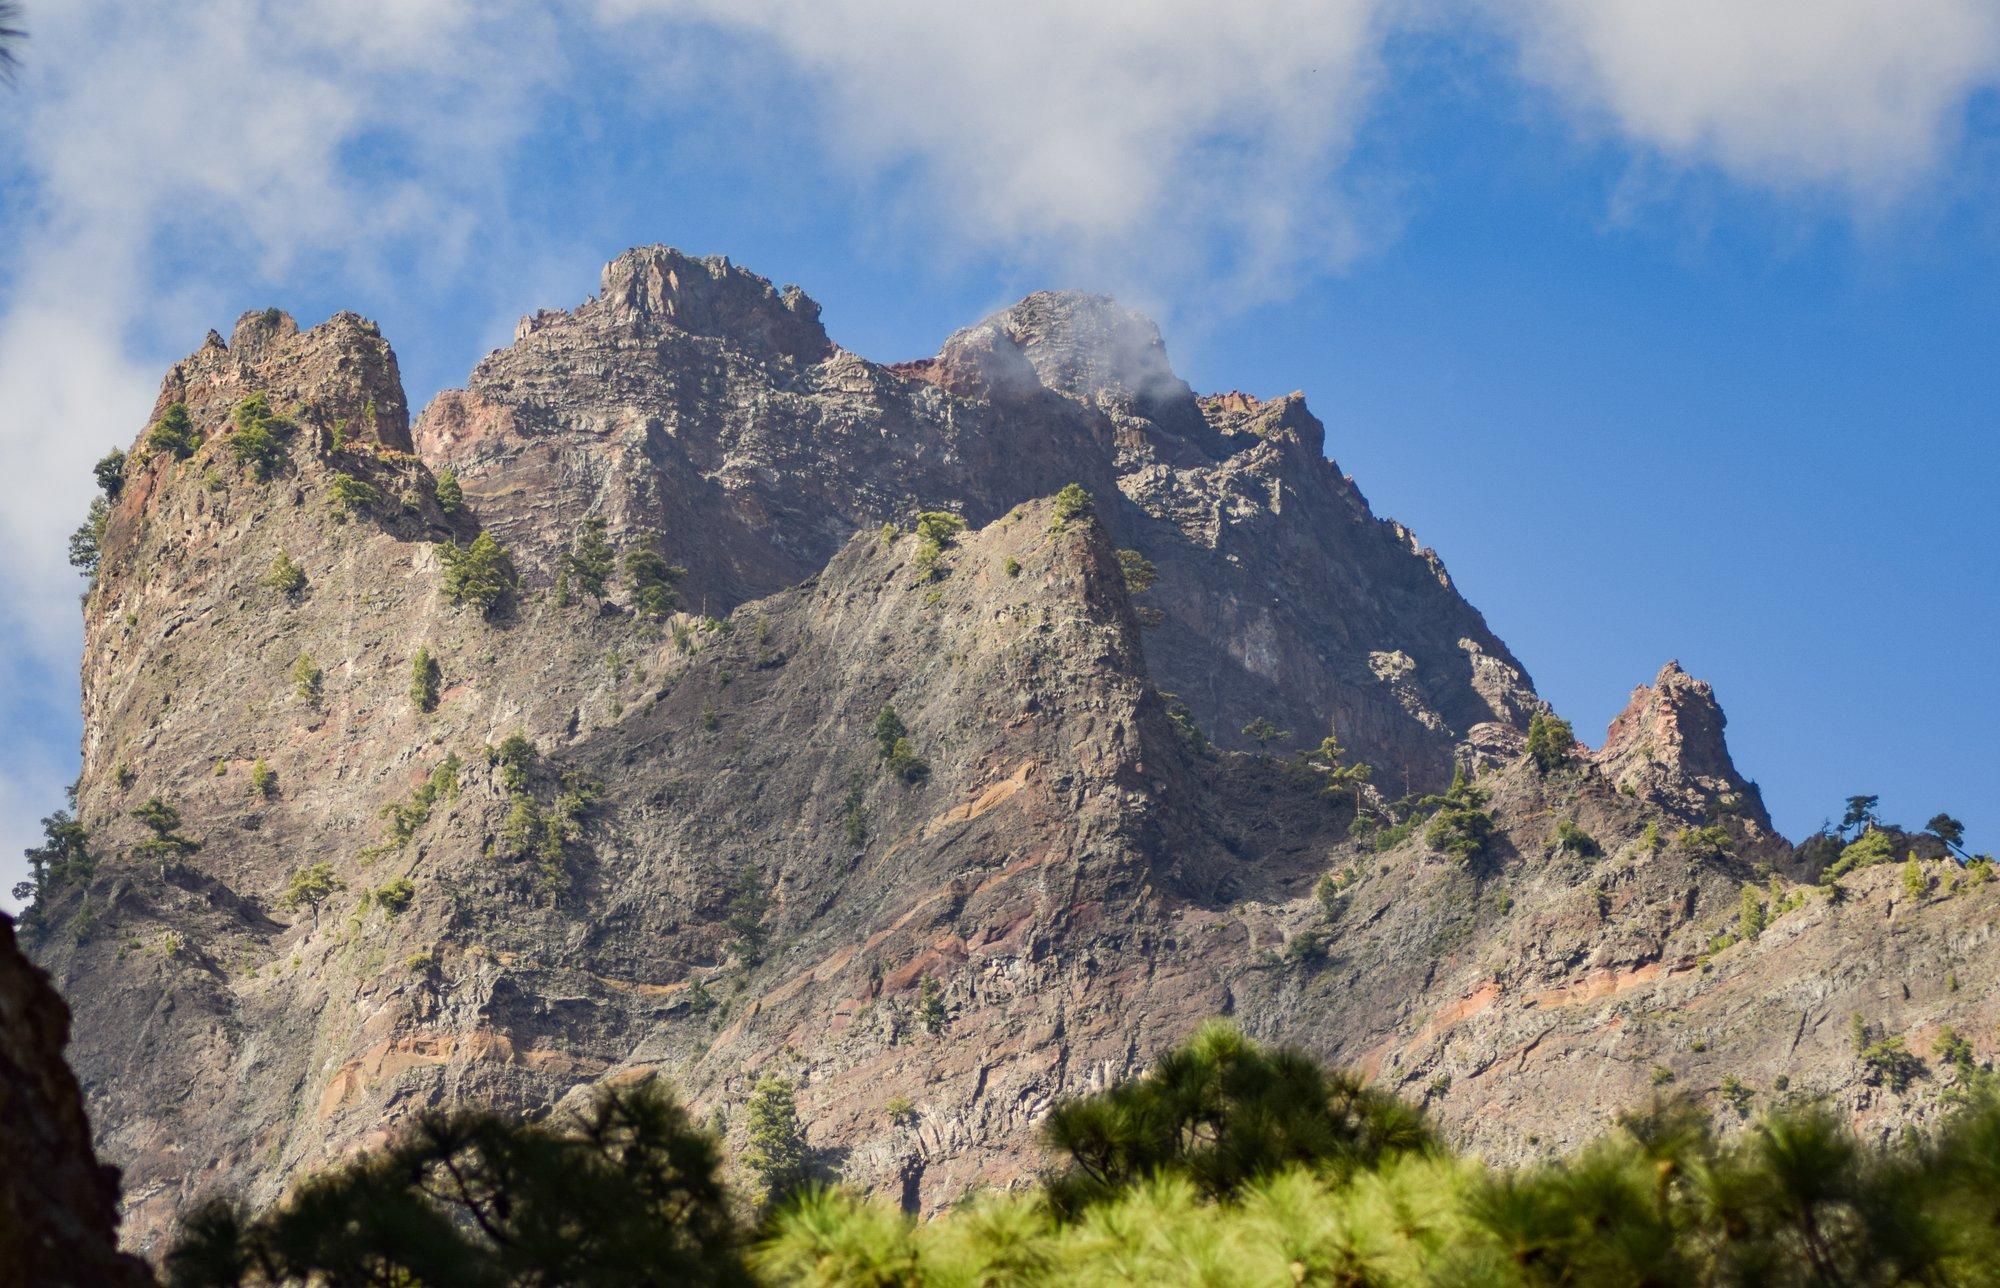 Mirador del Roque de los Muchachos, fot. shutterstock.com